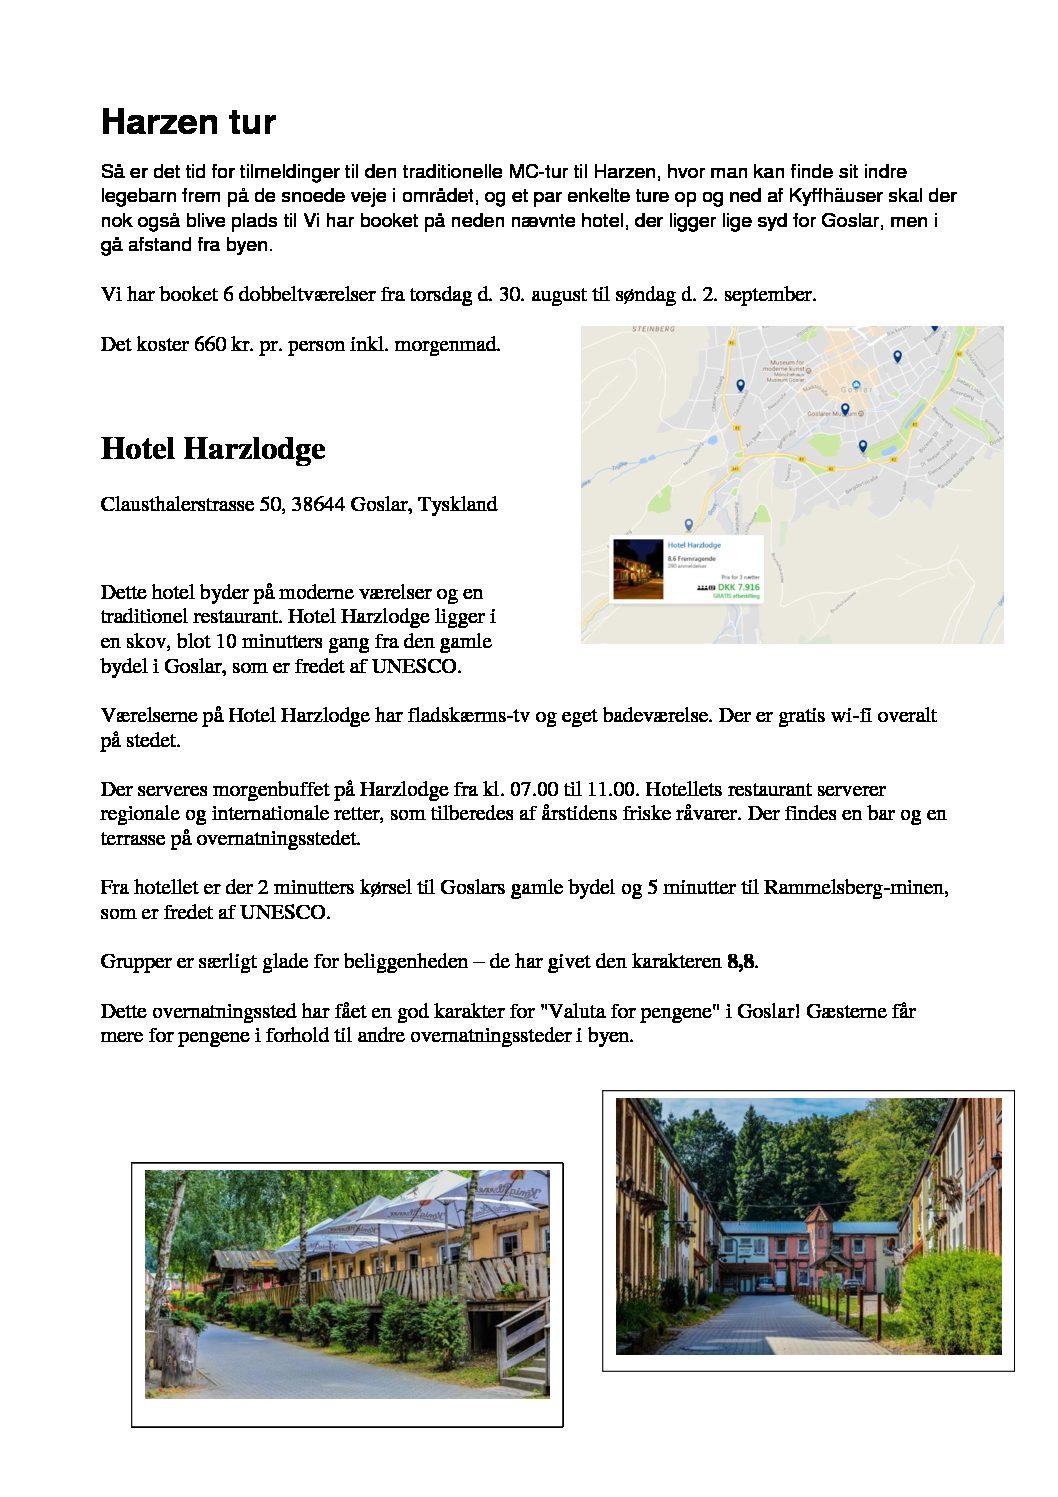 Tour de Harzen 2018